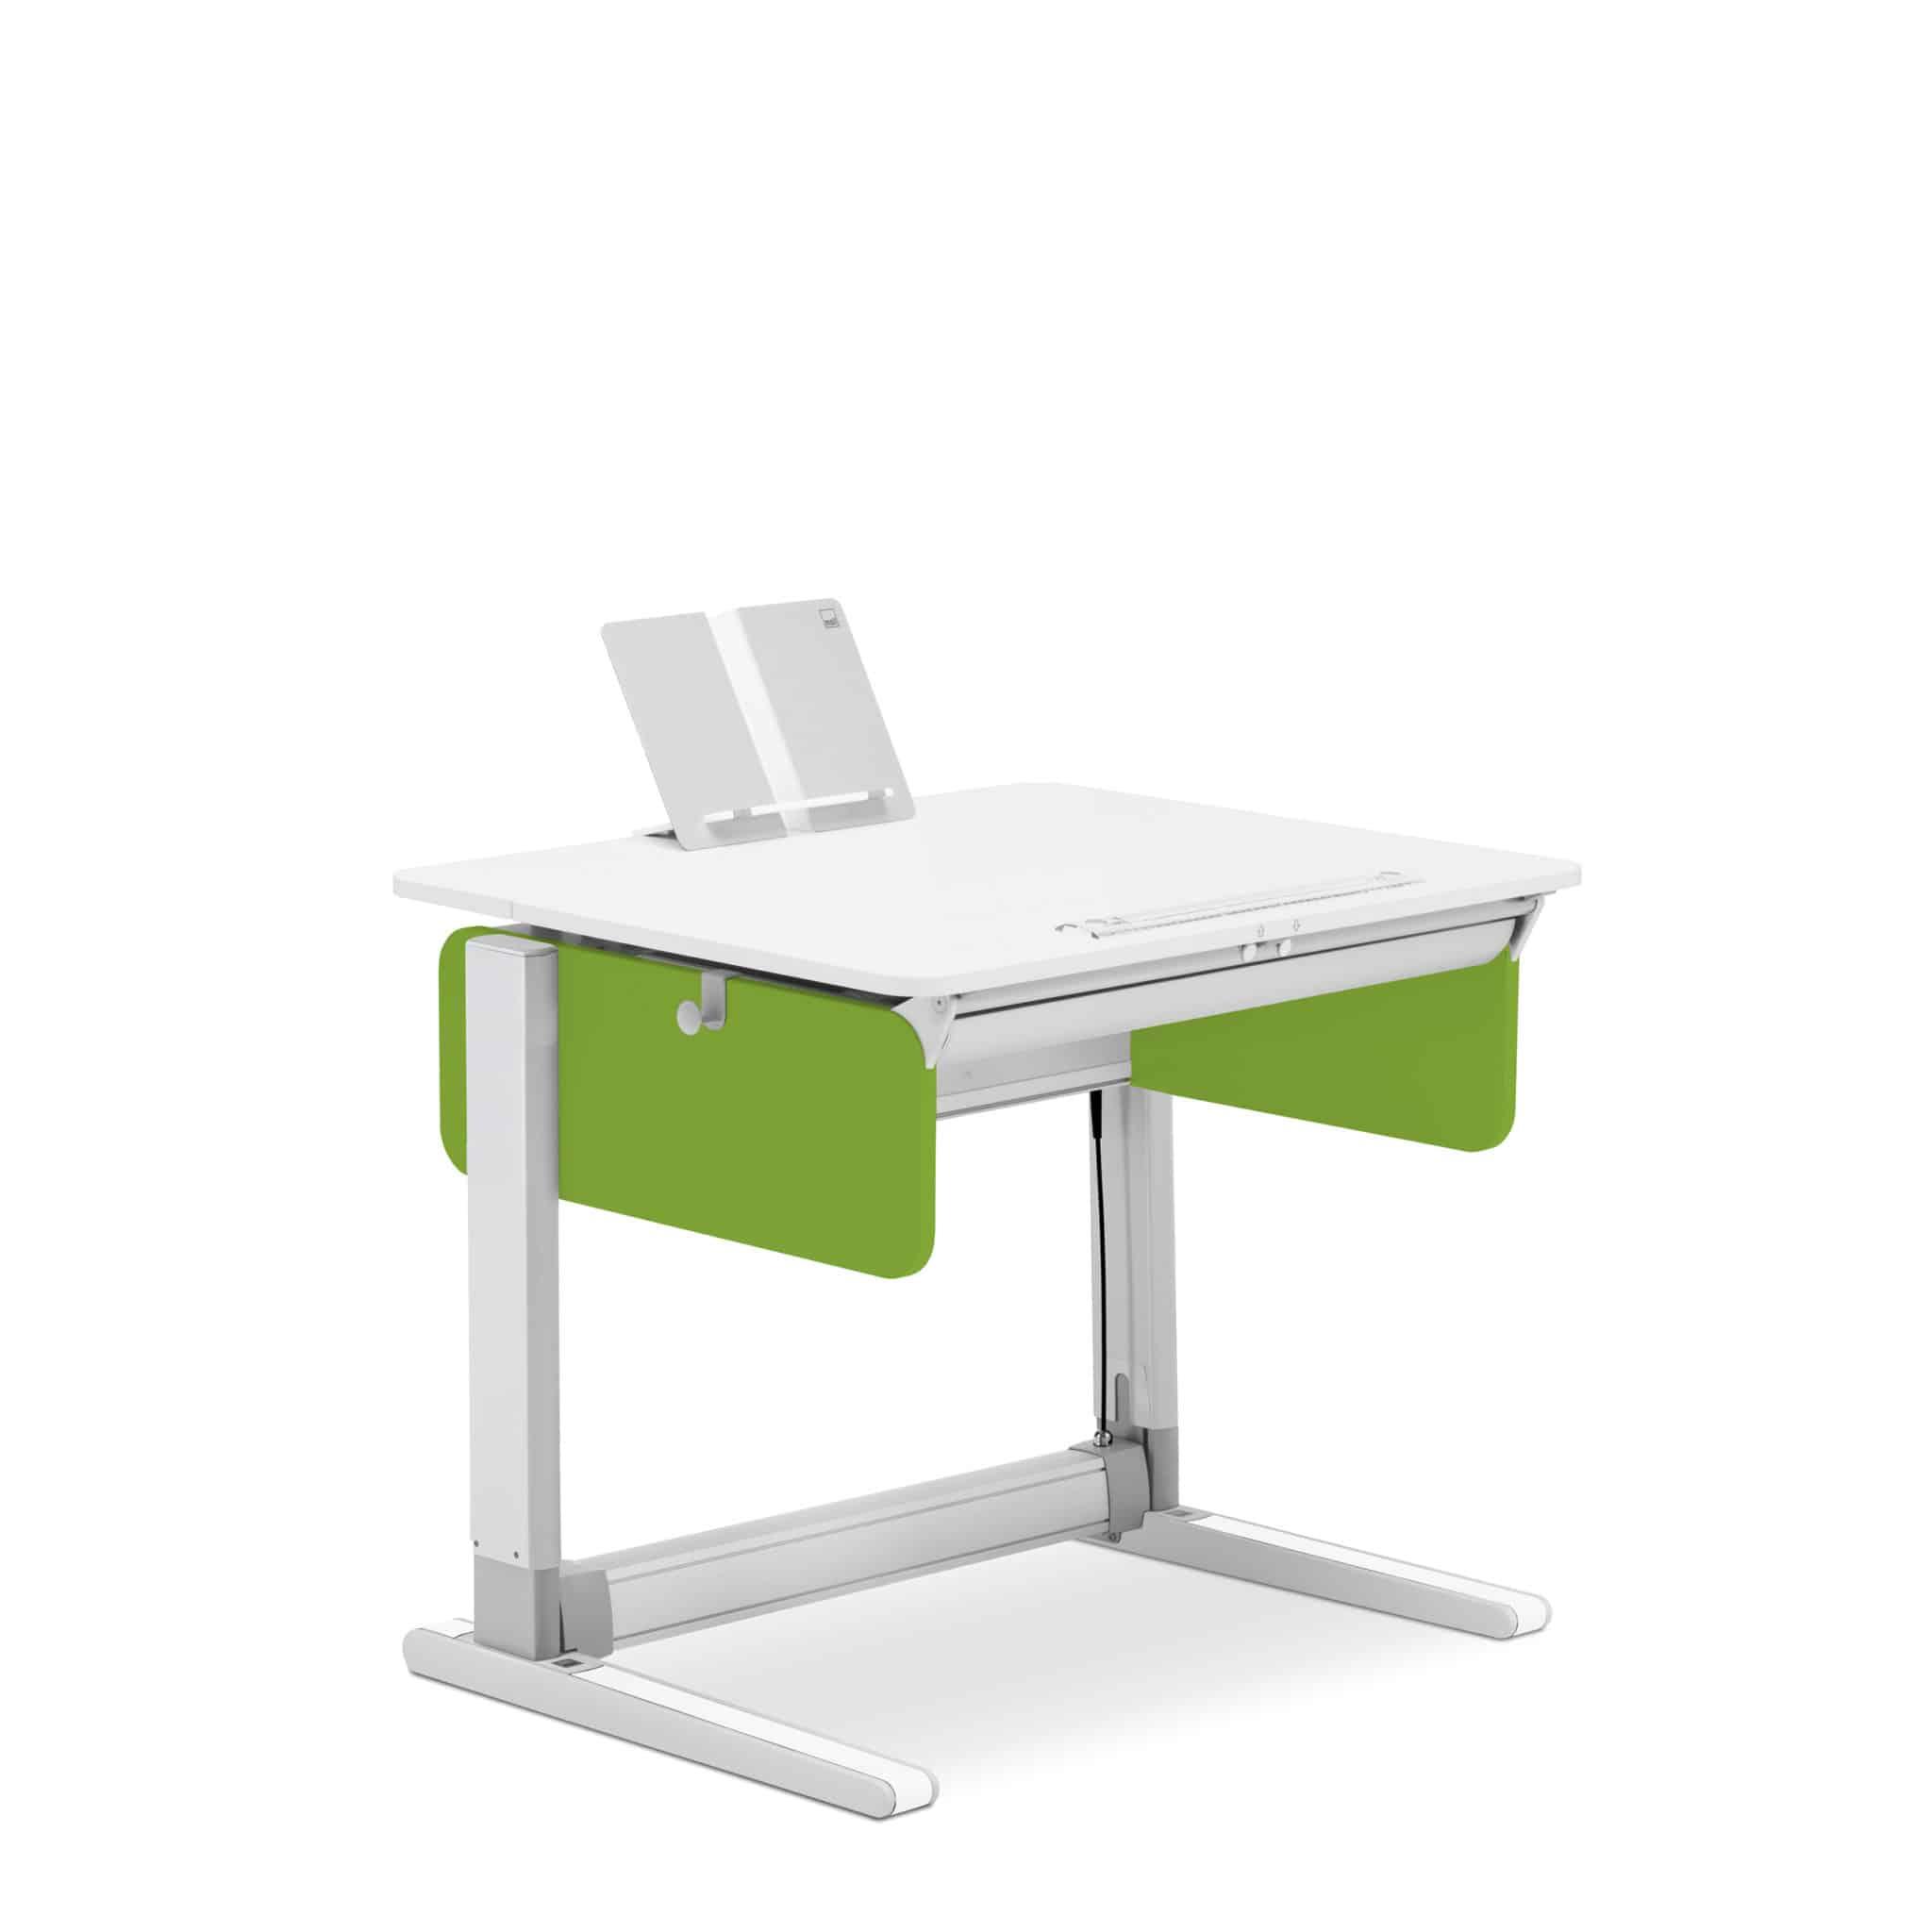 moll champion compact express roheline kirjutuslaud